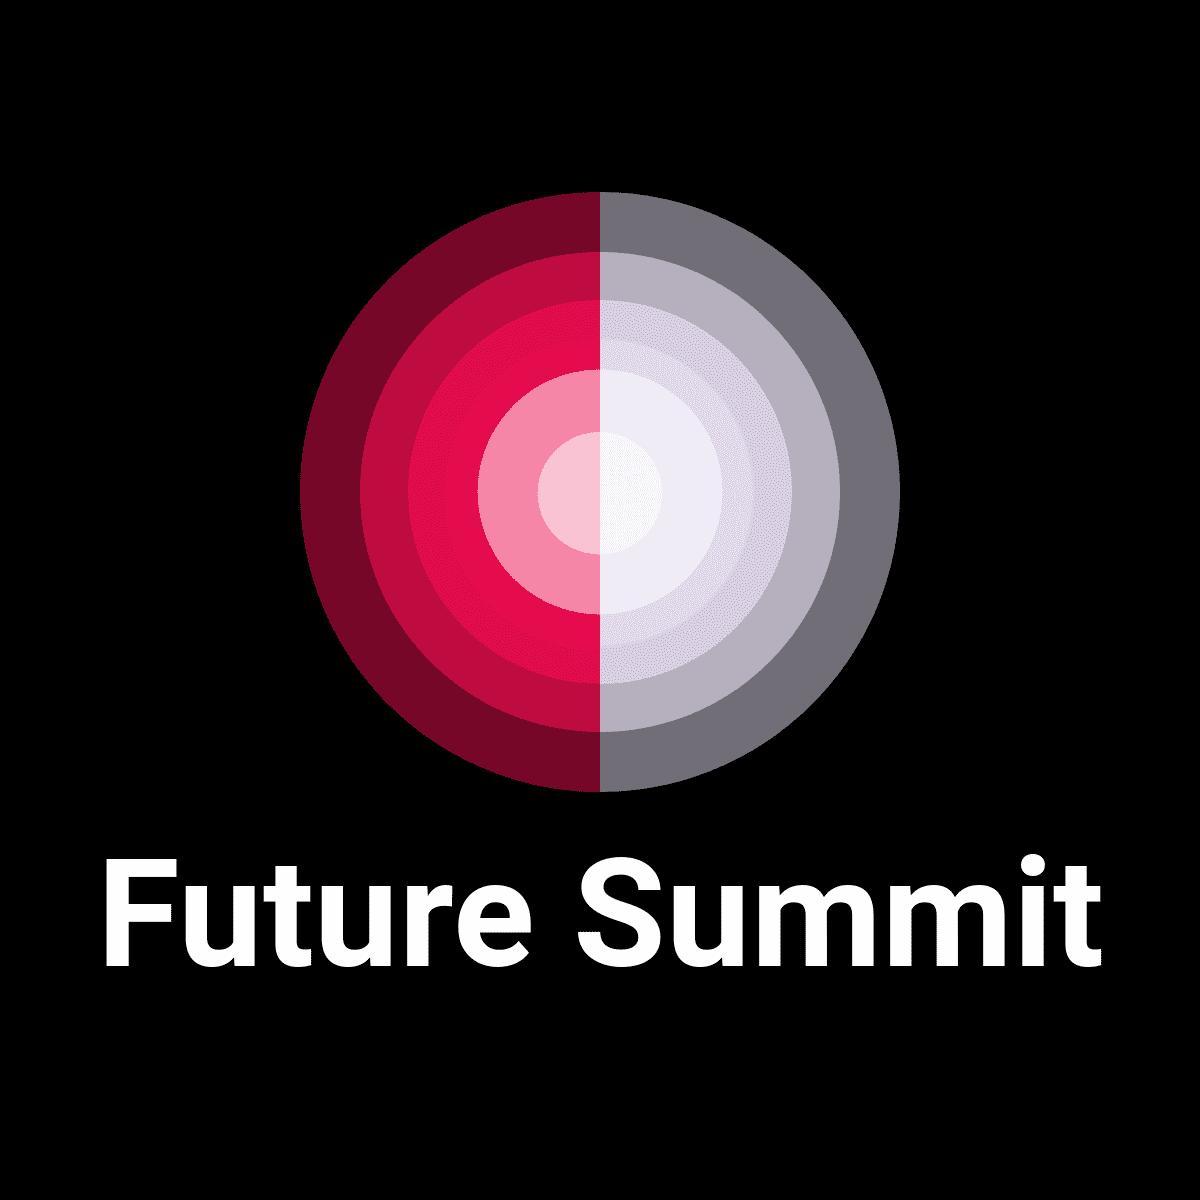 Future Summit 2020